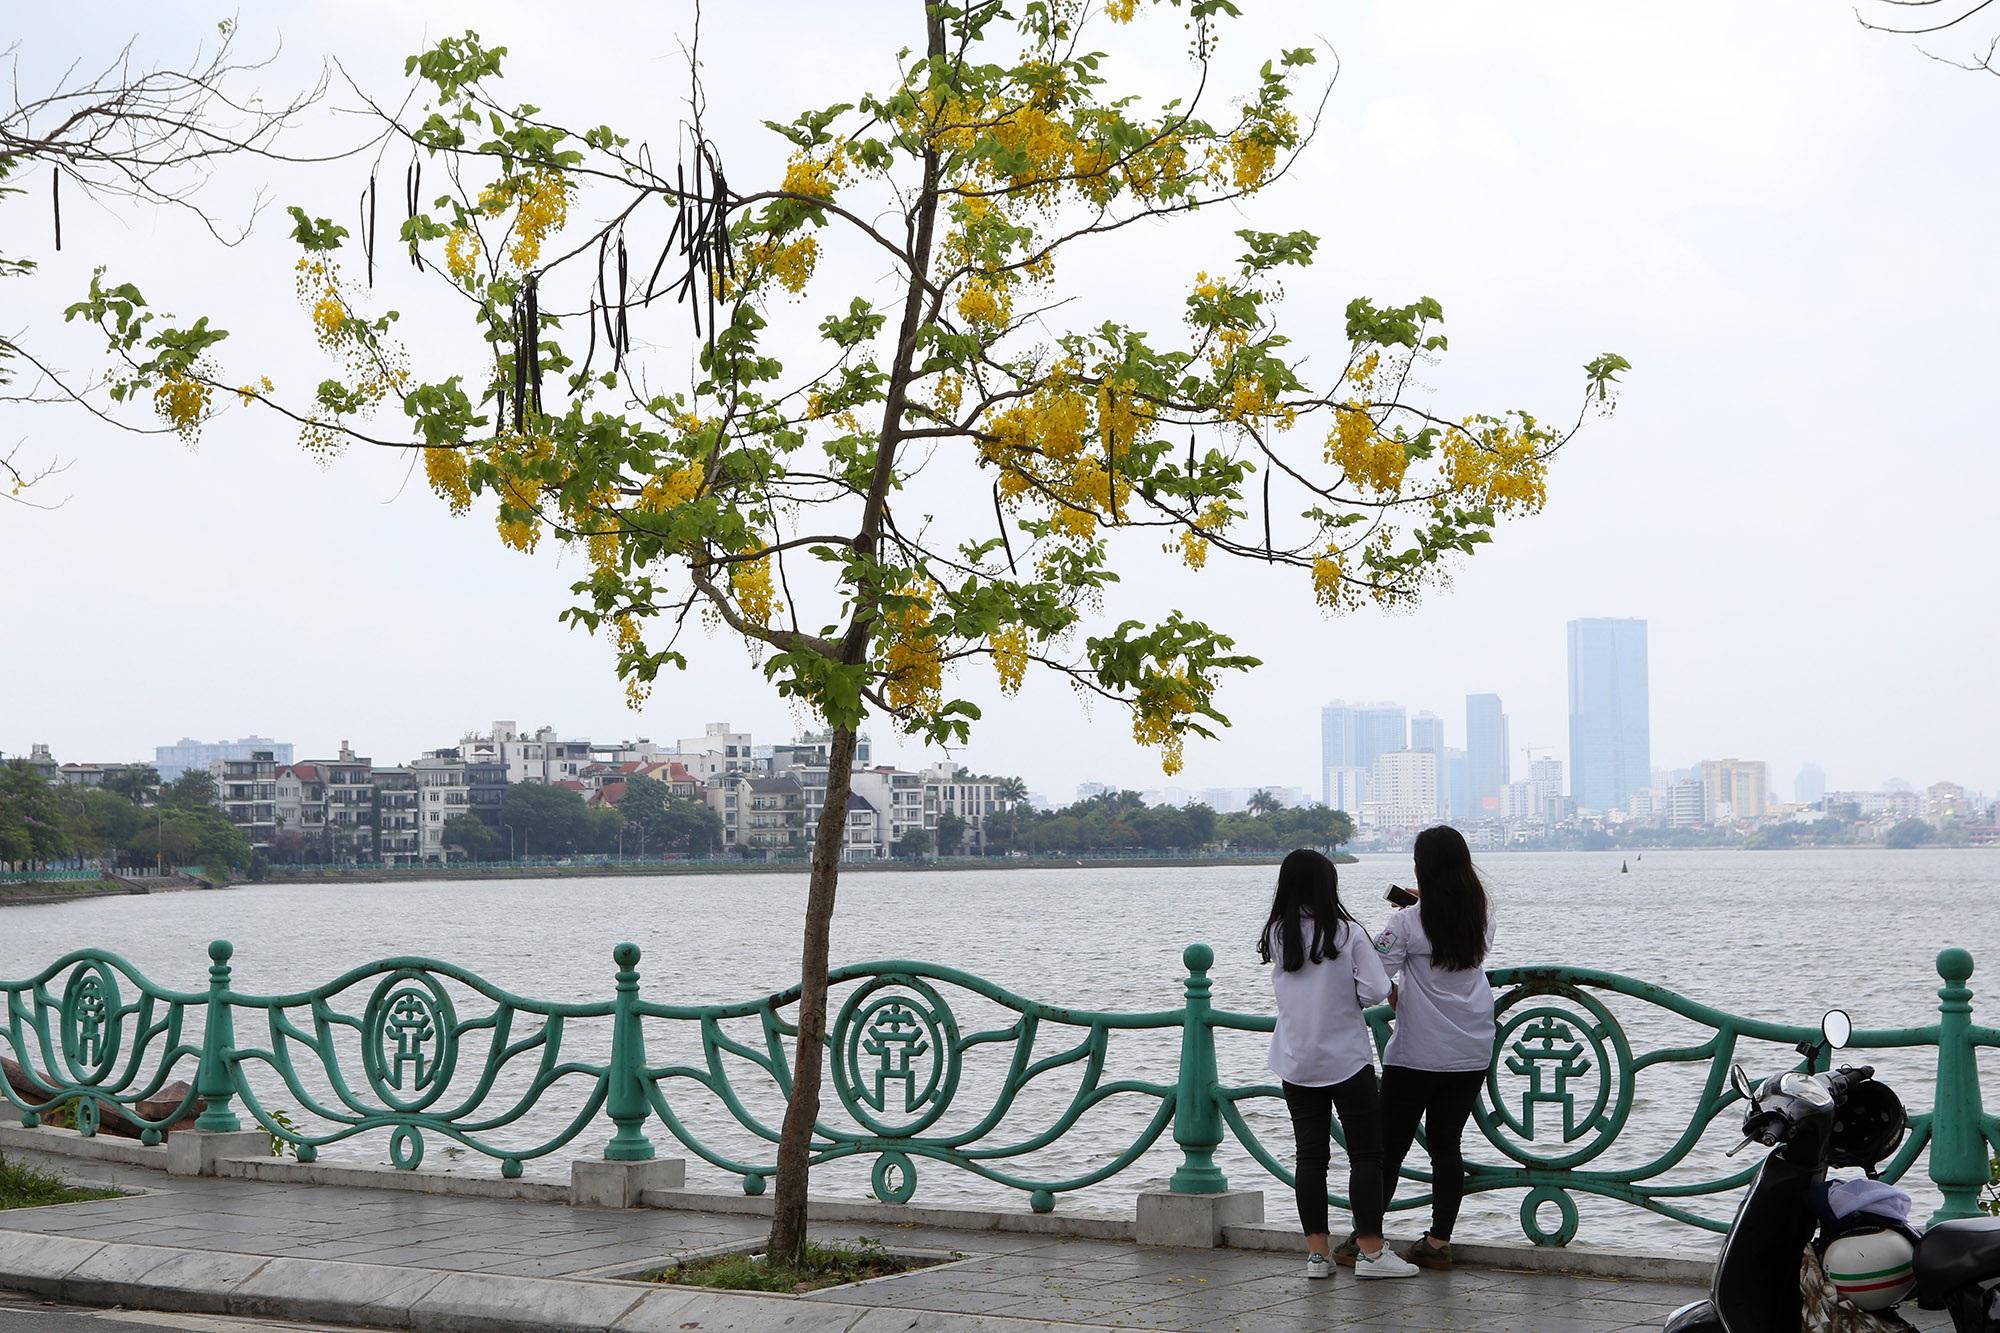 Hồ Tây thơ mộng trong sắc hoa muồng hoàng yến - 2